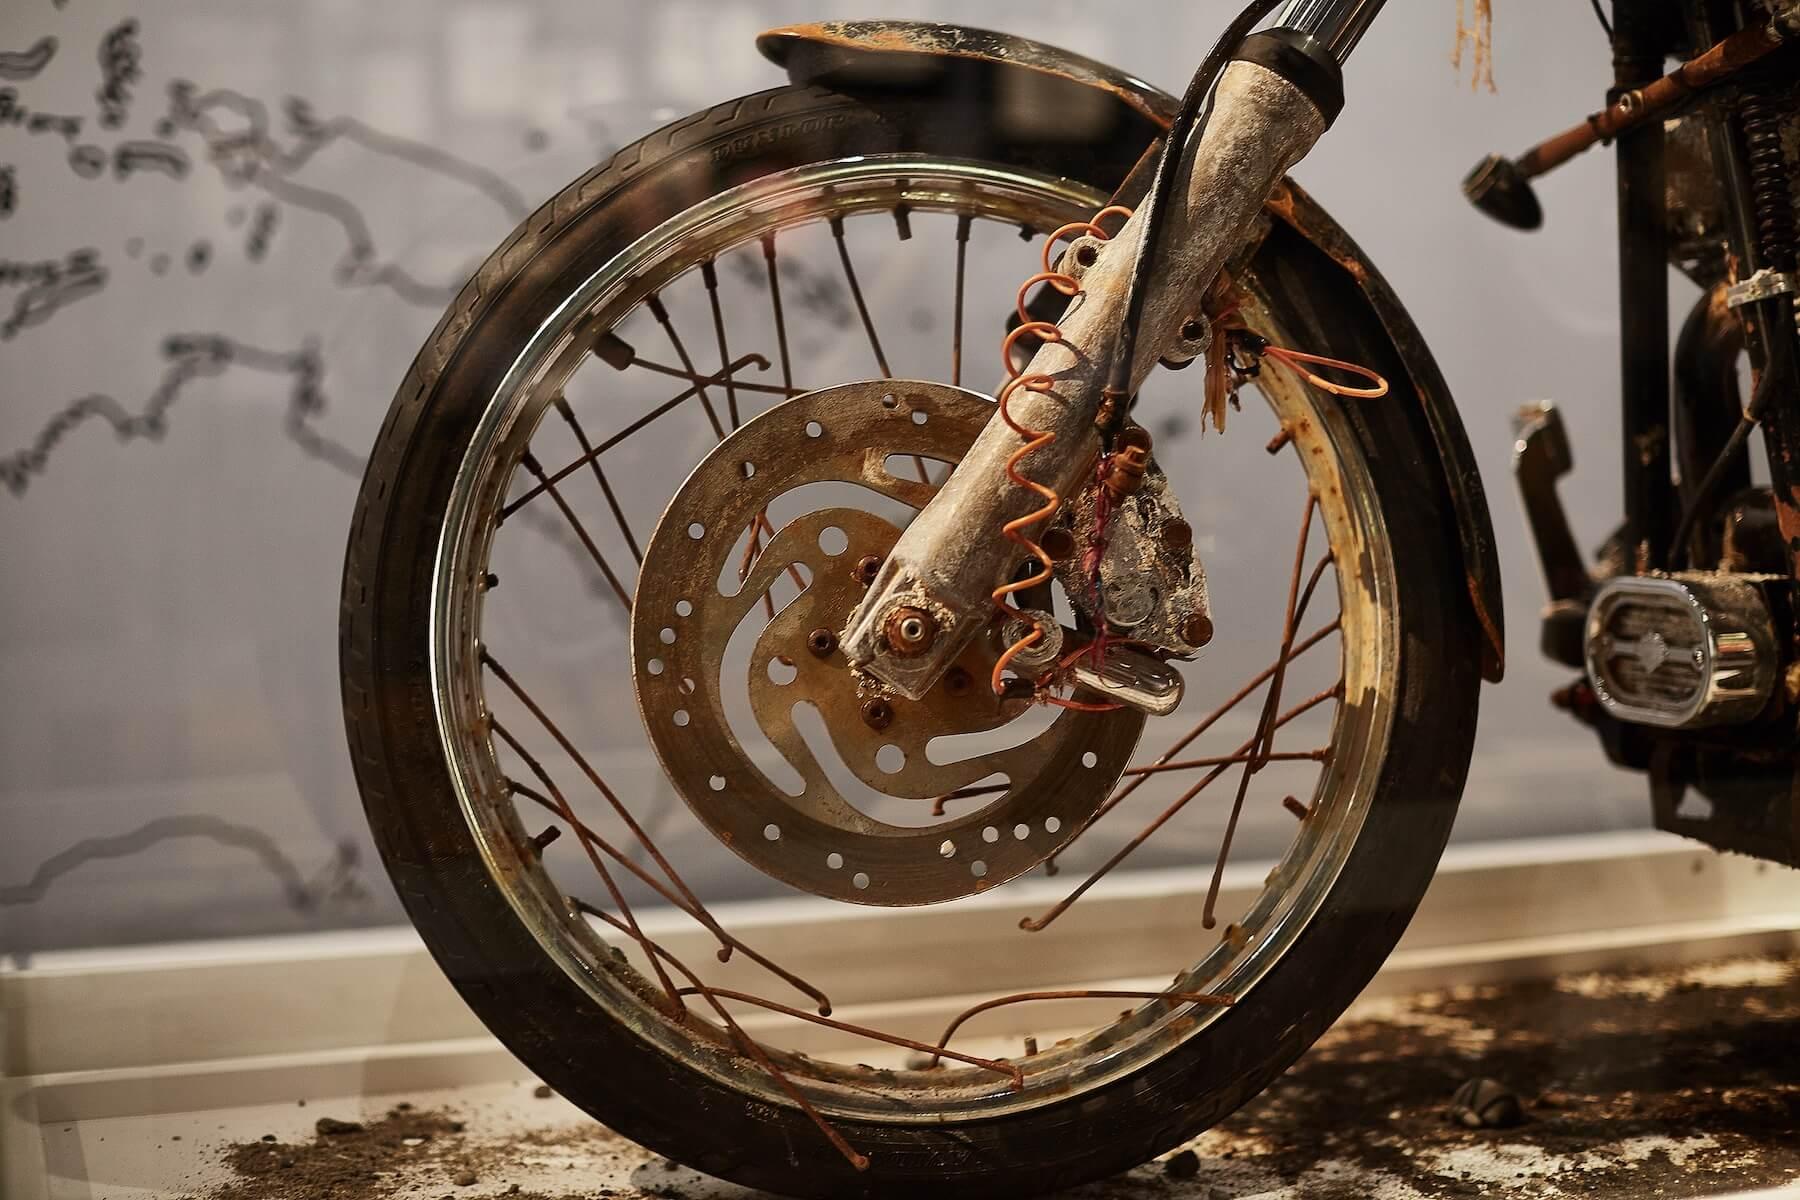 3.11を世界に伝える奇跡の「TSUNAMIハーレー」、ピース綾部のインタビューレポートが『FREEDOM MAGAZINE』で公開 culture210311_Harley-Davidson-01